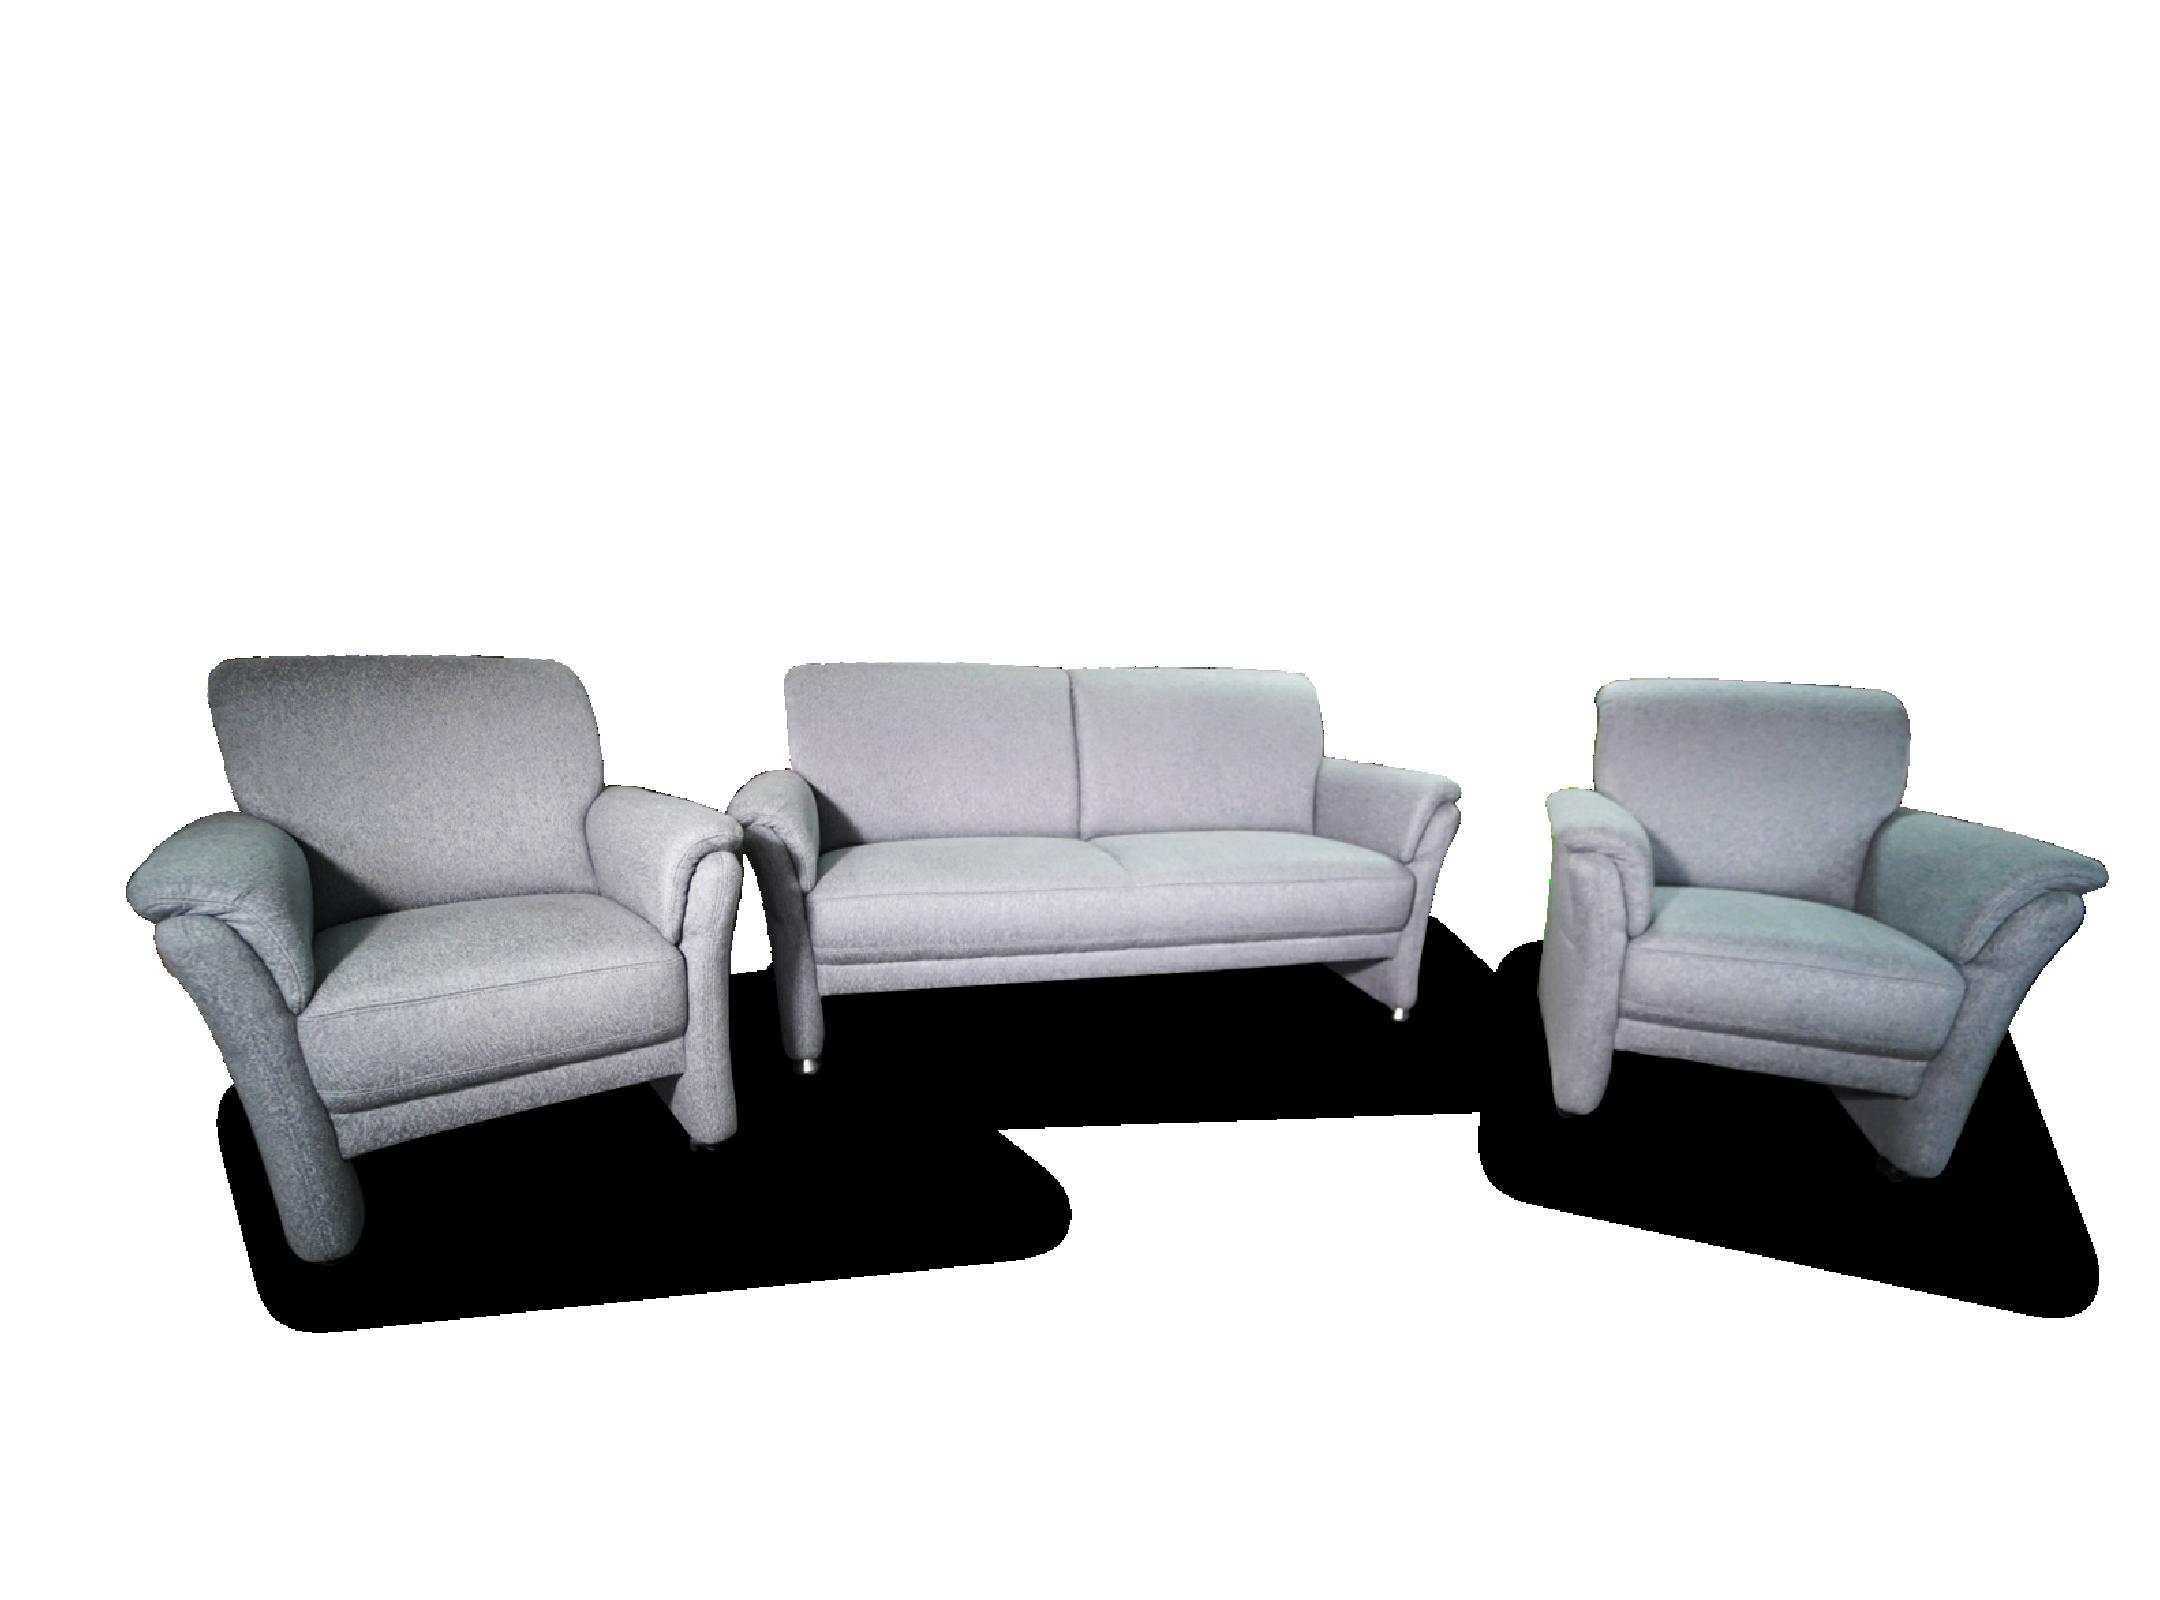 2 Sitzer mit 2 Sesseln